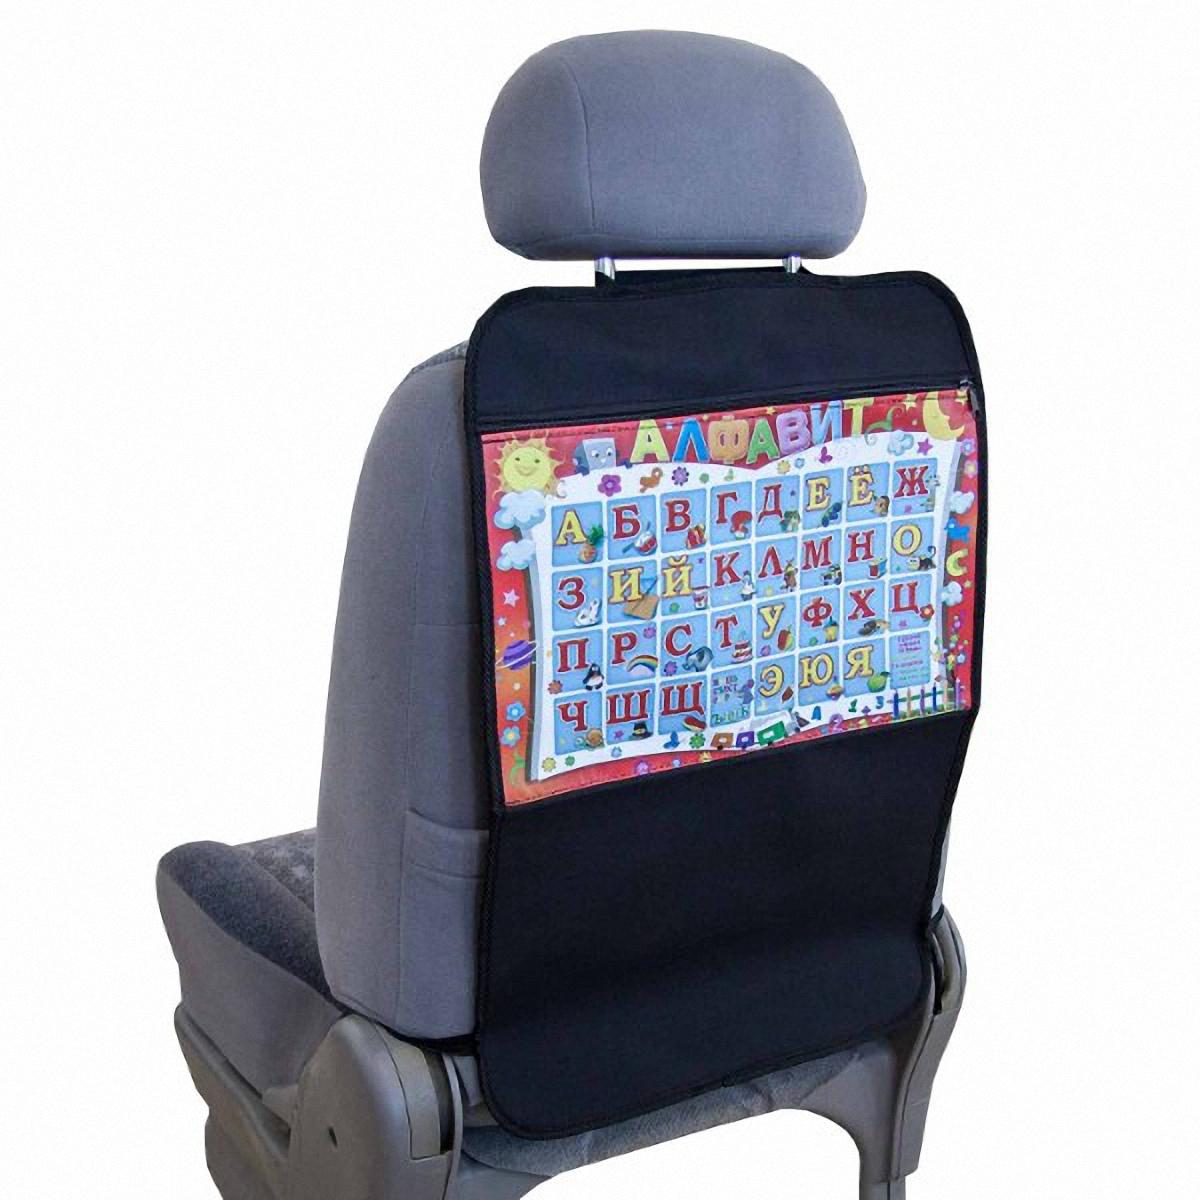 Накидка-органайзер защитная Skyway, на спинку сидения, 37 х 55 см. S06101003S06101003Защитная накидка-органайзер Skyway изготовлена из материалов, отличающихся высокими эксплуатационными характеристиками, благодаря чему в течение длительного времени сохраняет презентабельный внешний вид. Ткань накидки устойчива к механическому воздействию, а также является достаточно прочной и плотной для того, чтобы не пропустить жидкости и другие источники загрязнений к обивке сидений. А рисунок в виде алфавита не даст заскучать вашему ребенку в дальней дороге. Размер изделия: 37 х 55 см.